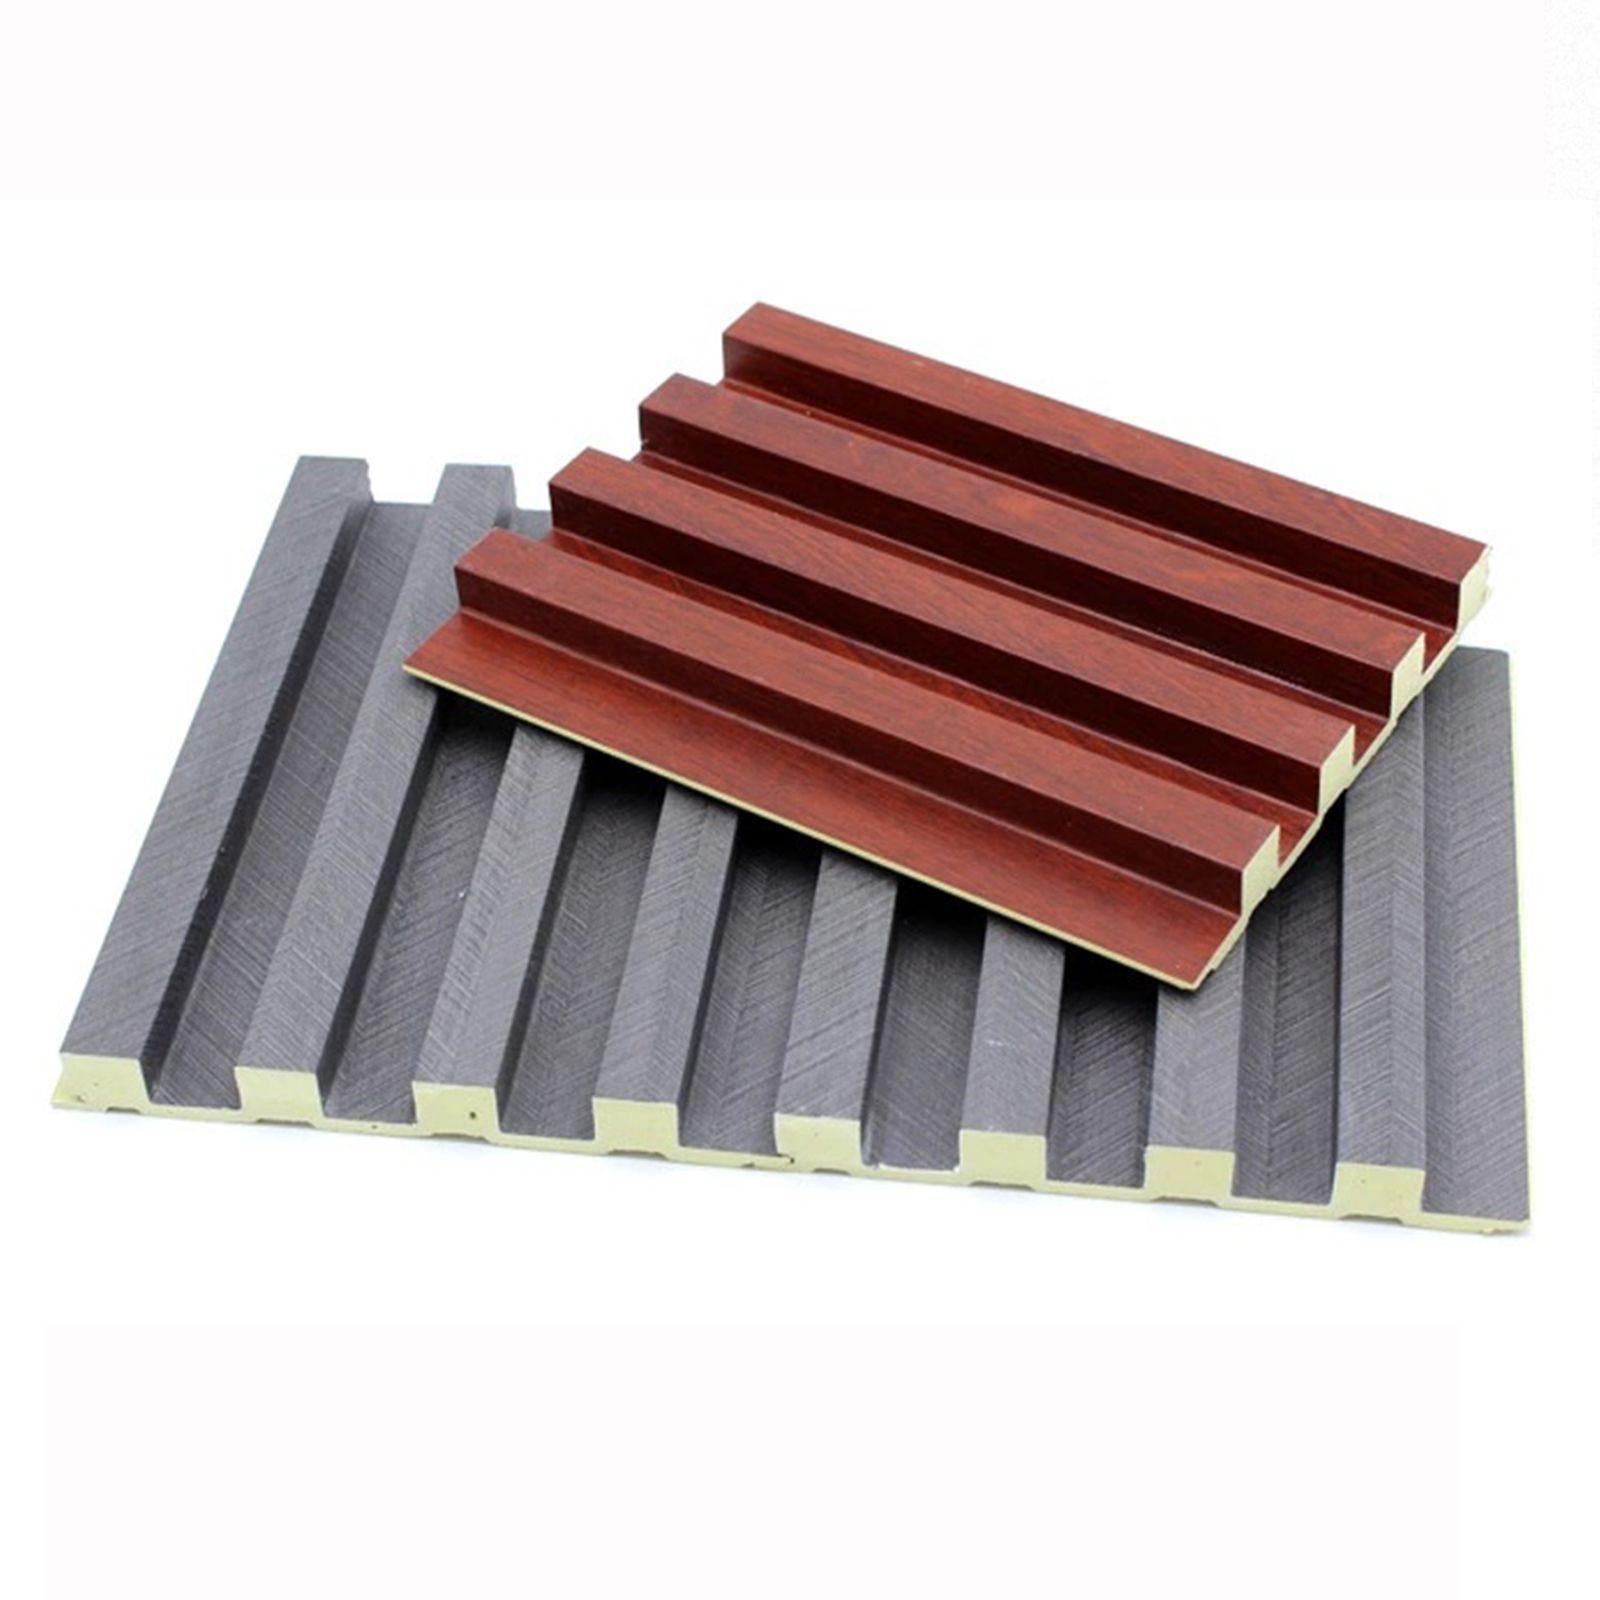 网格板 格栅板 长城板 槽板 墙板 3D背景墙 PVC三维墙板